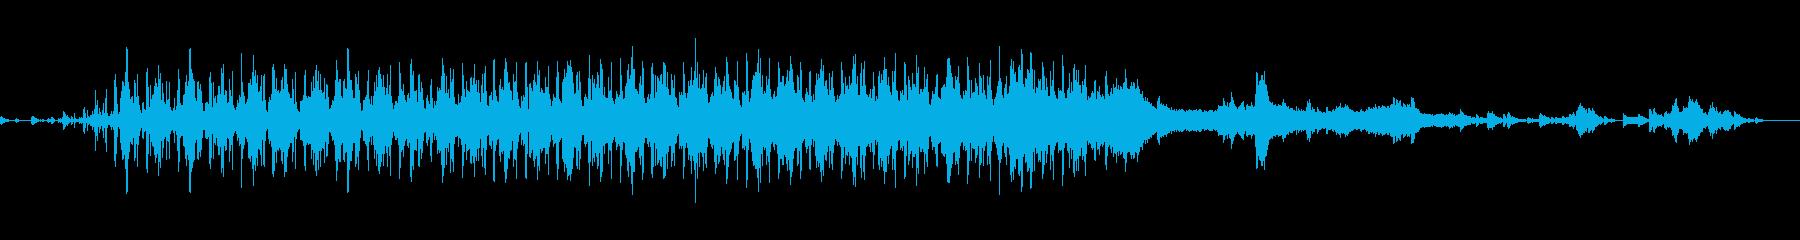 チェロ、ベース、ソフトビート、おも...の再生済みの波形